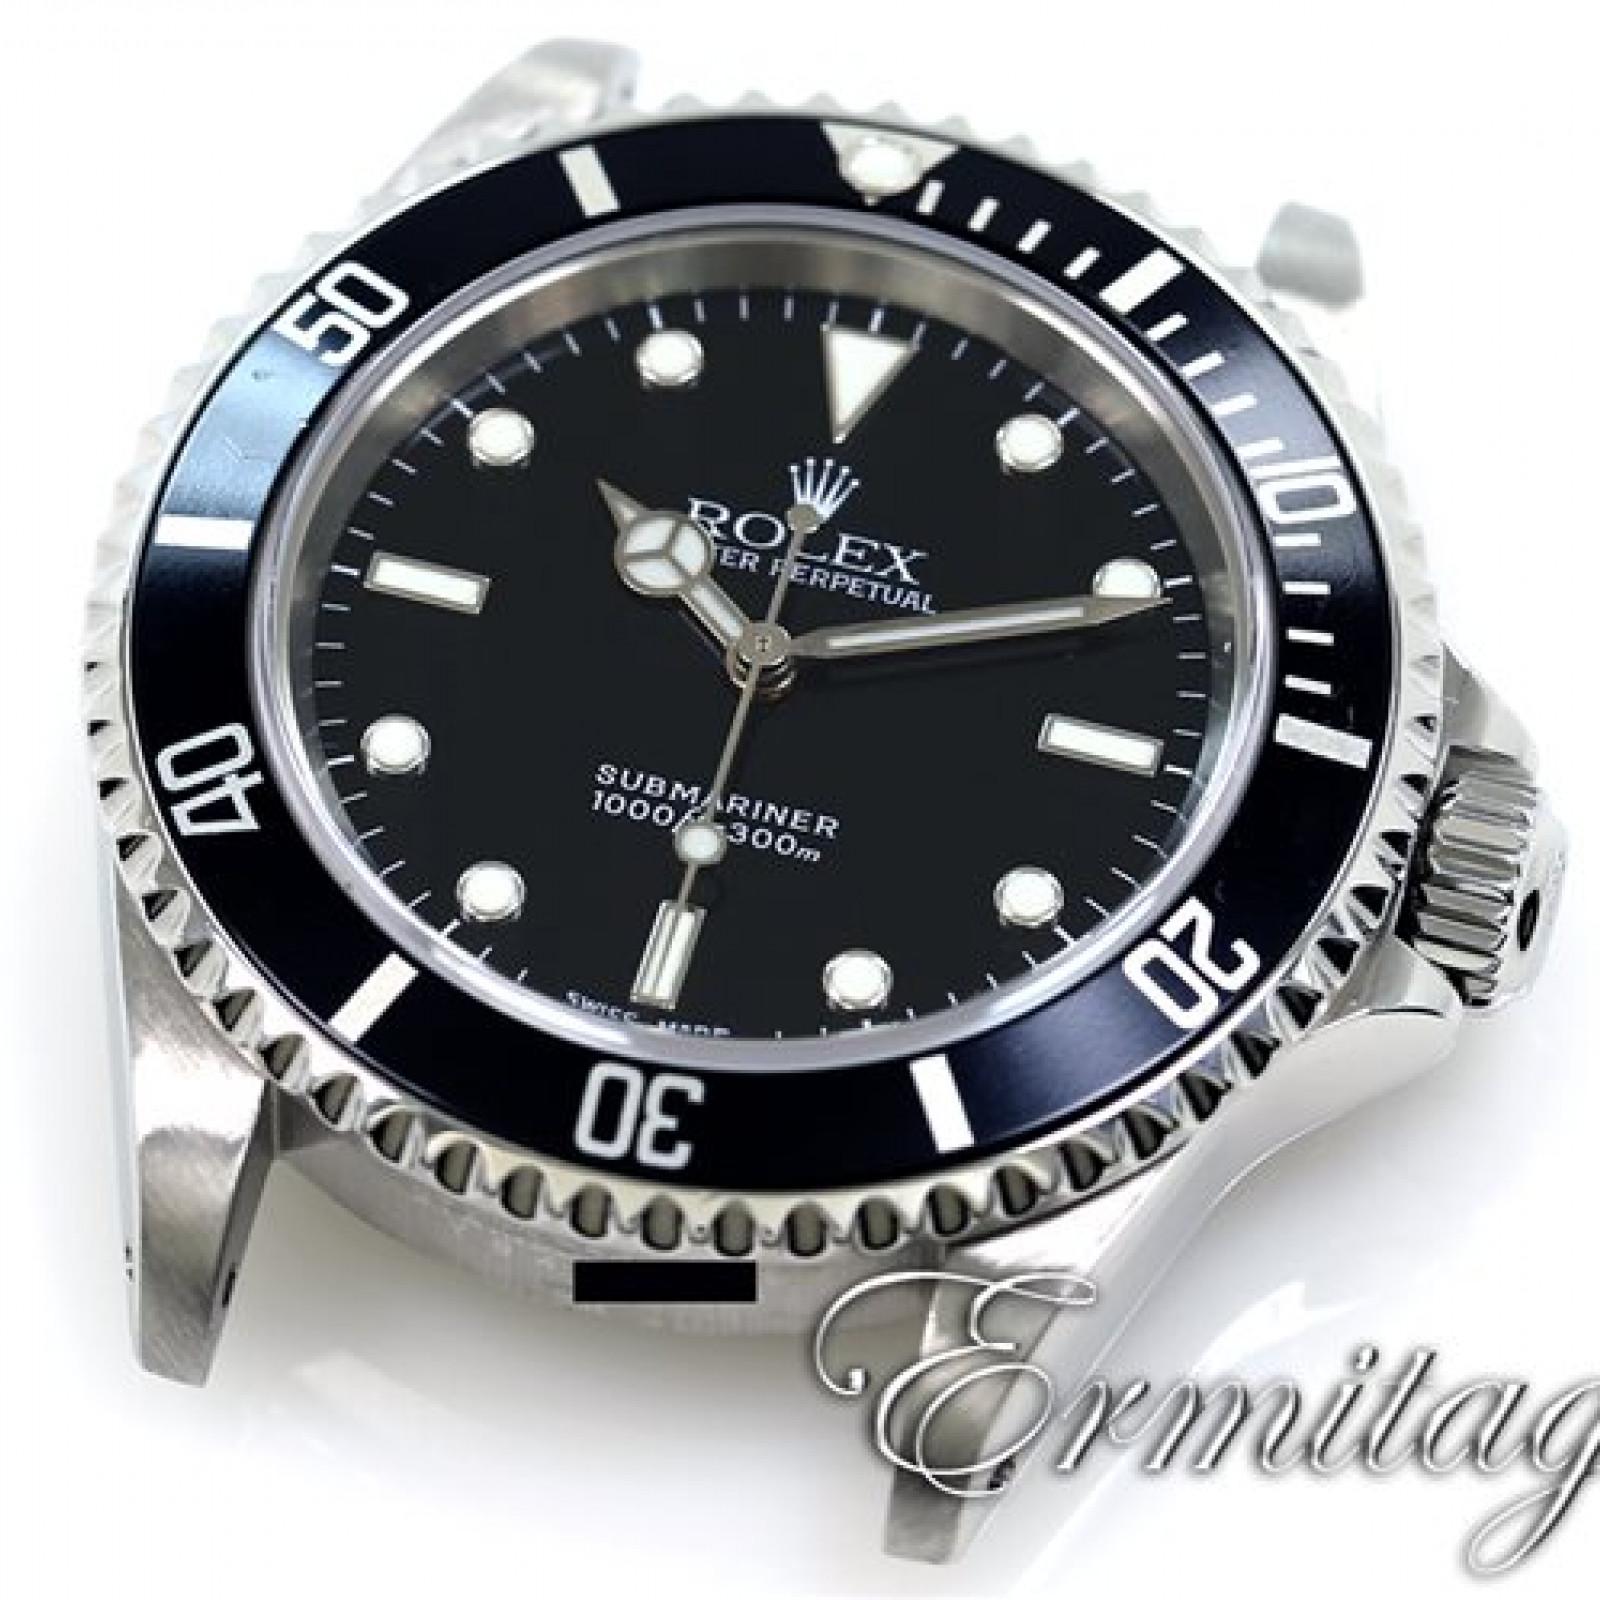 Rolex Submariner 14060 Stainless Steel Full Set